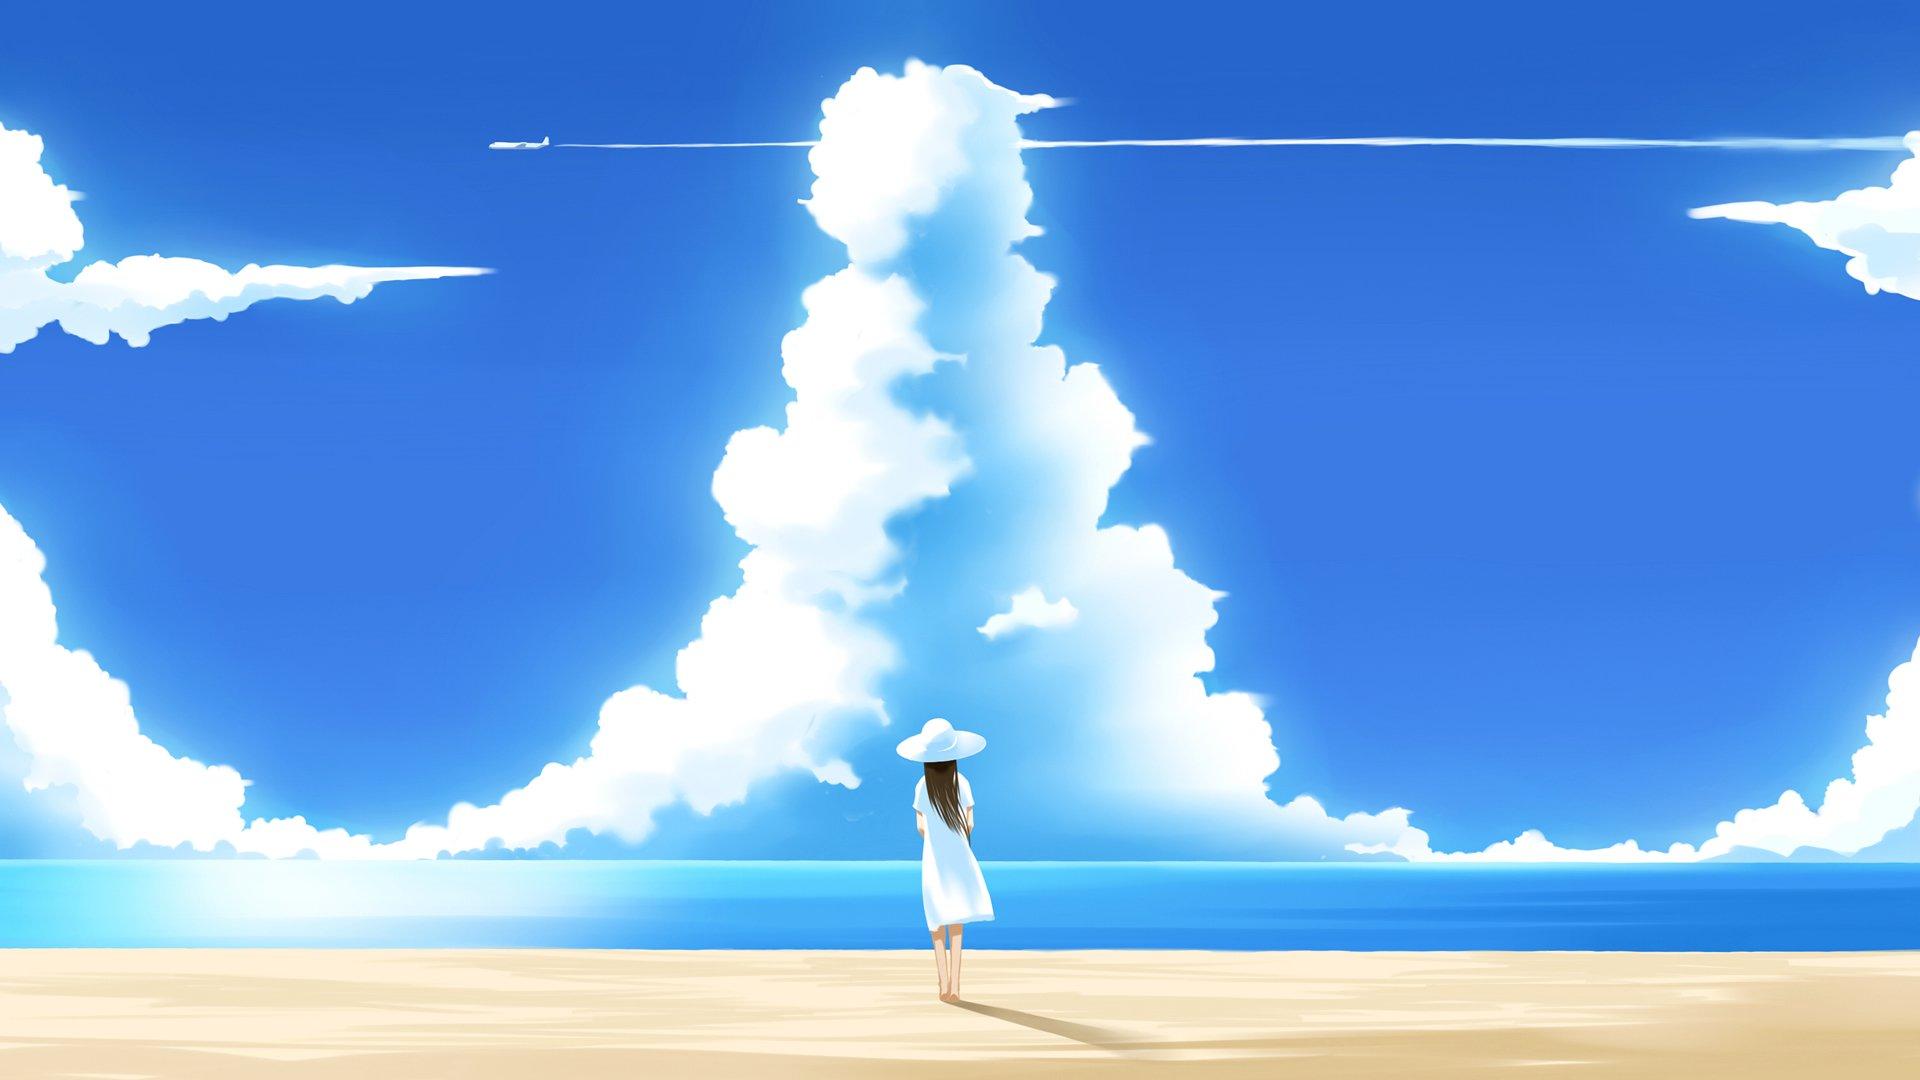 Anime - Someday's Dreamers  Wallpaper